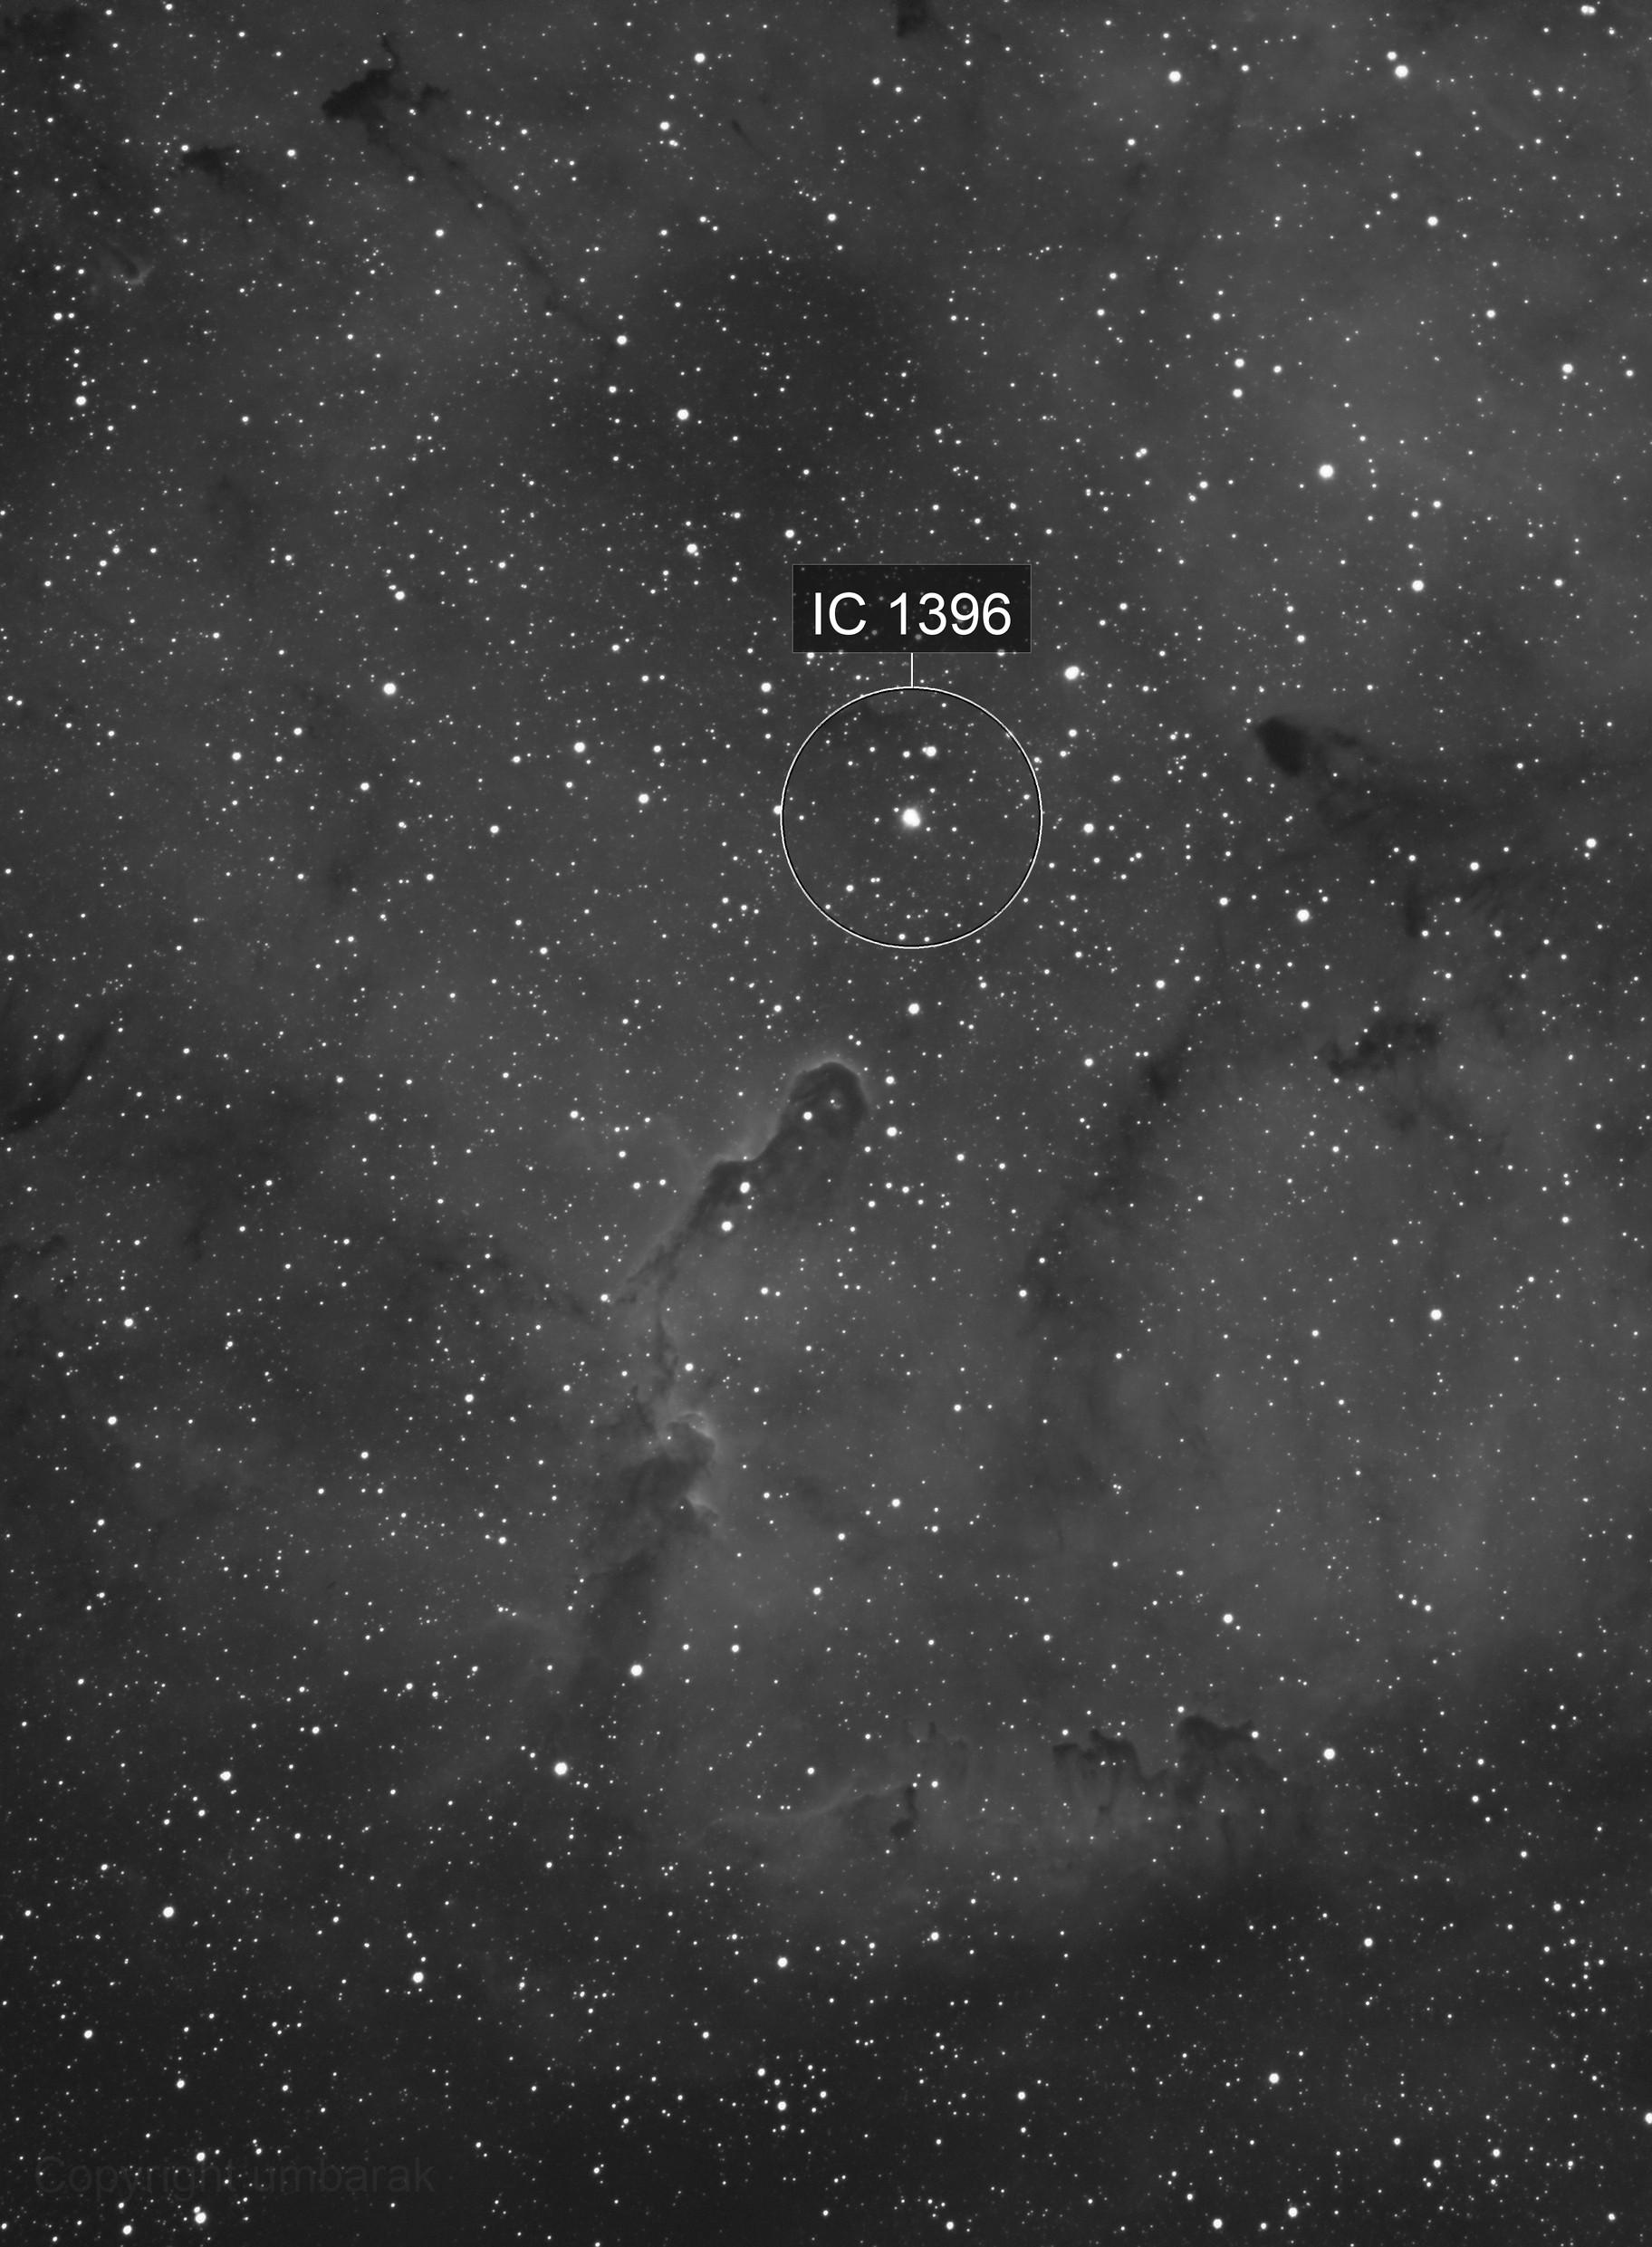 IC1396-Elephant Trunk Nebula HA